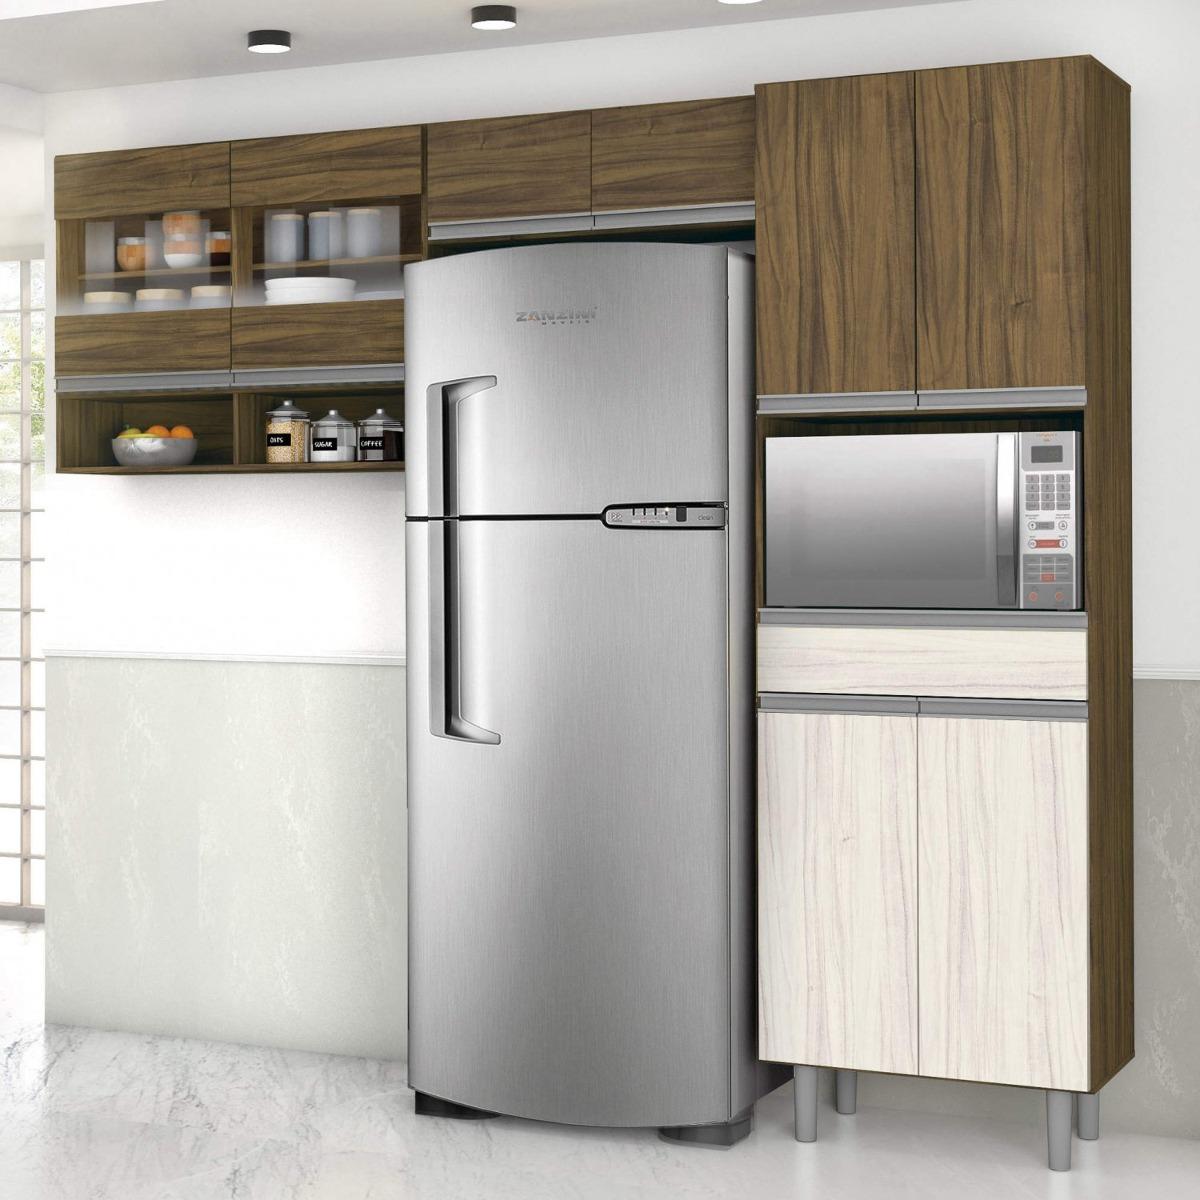 Cozinha Compacta 3 Pe As New Clean Zanzini Jc R 489 90 Em Mercado